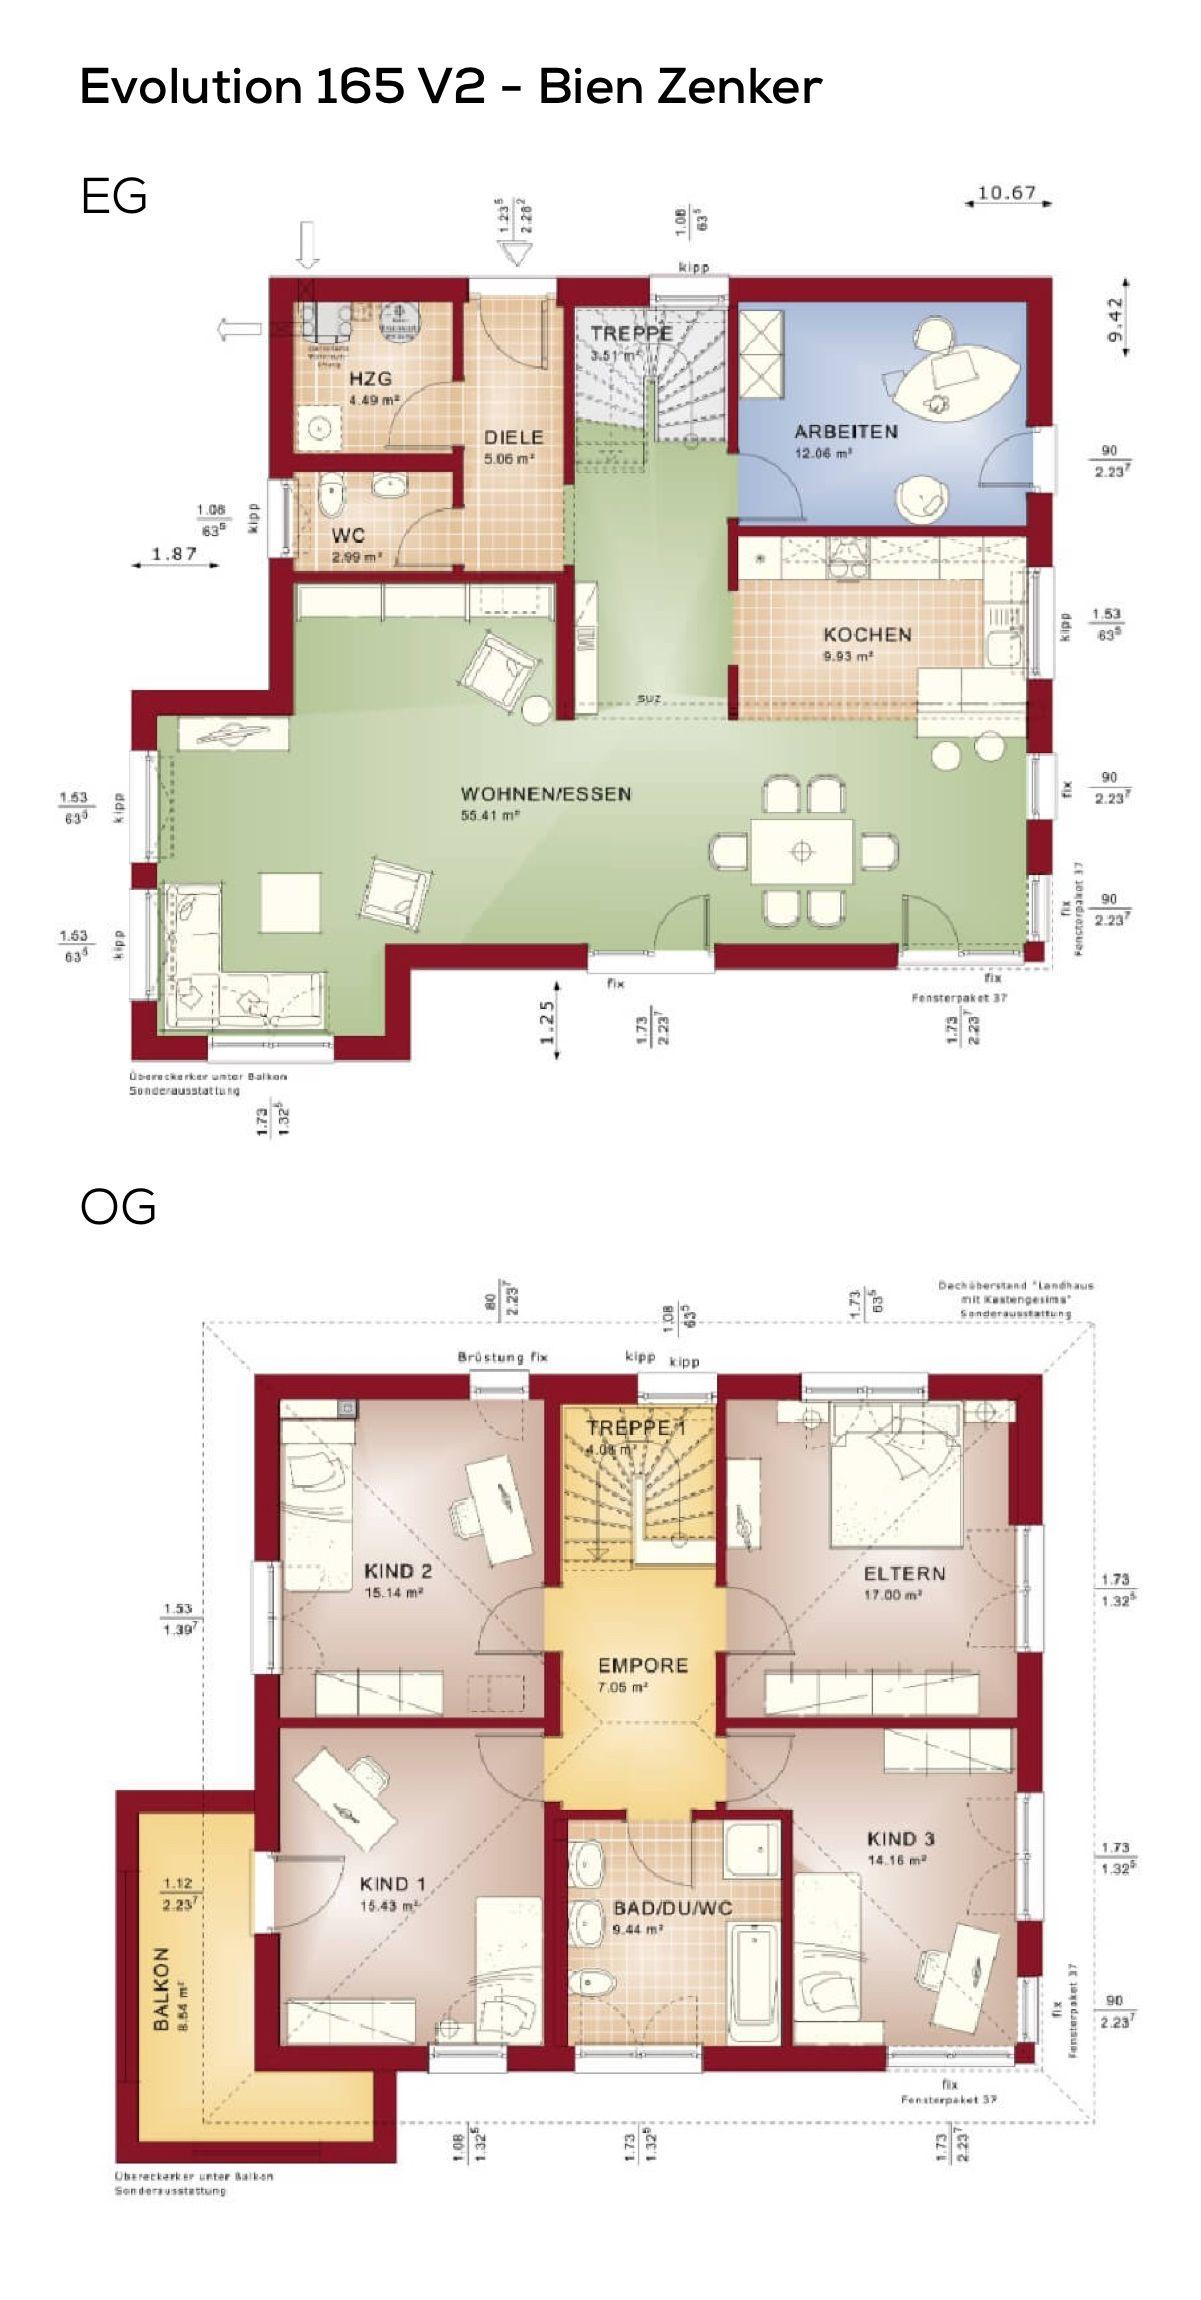 Grundriss Stadtvilla Landhaus mediterran mit Walmdach Architektur ...